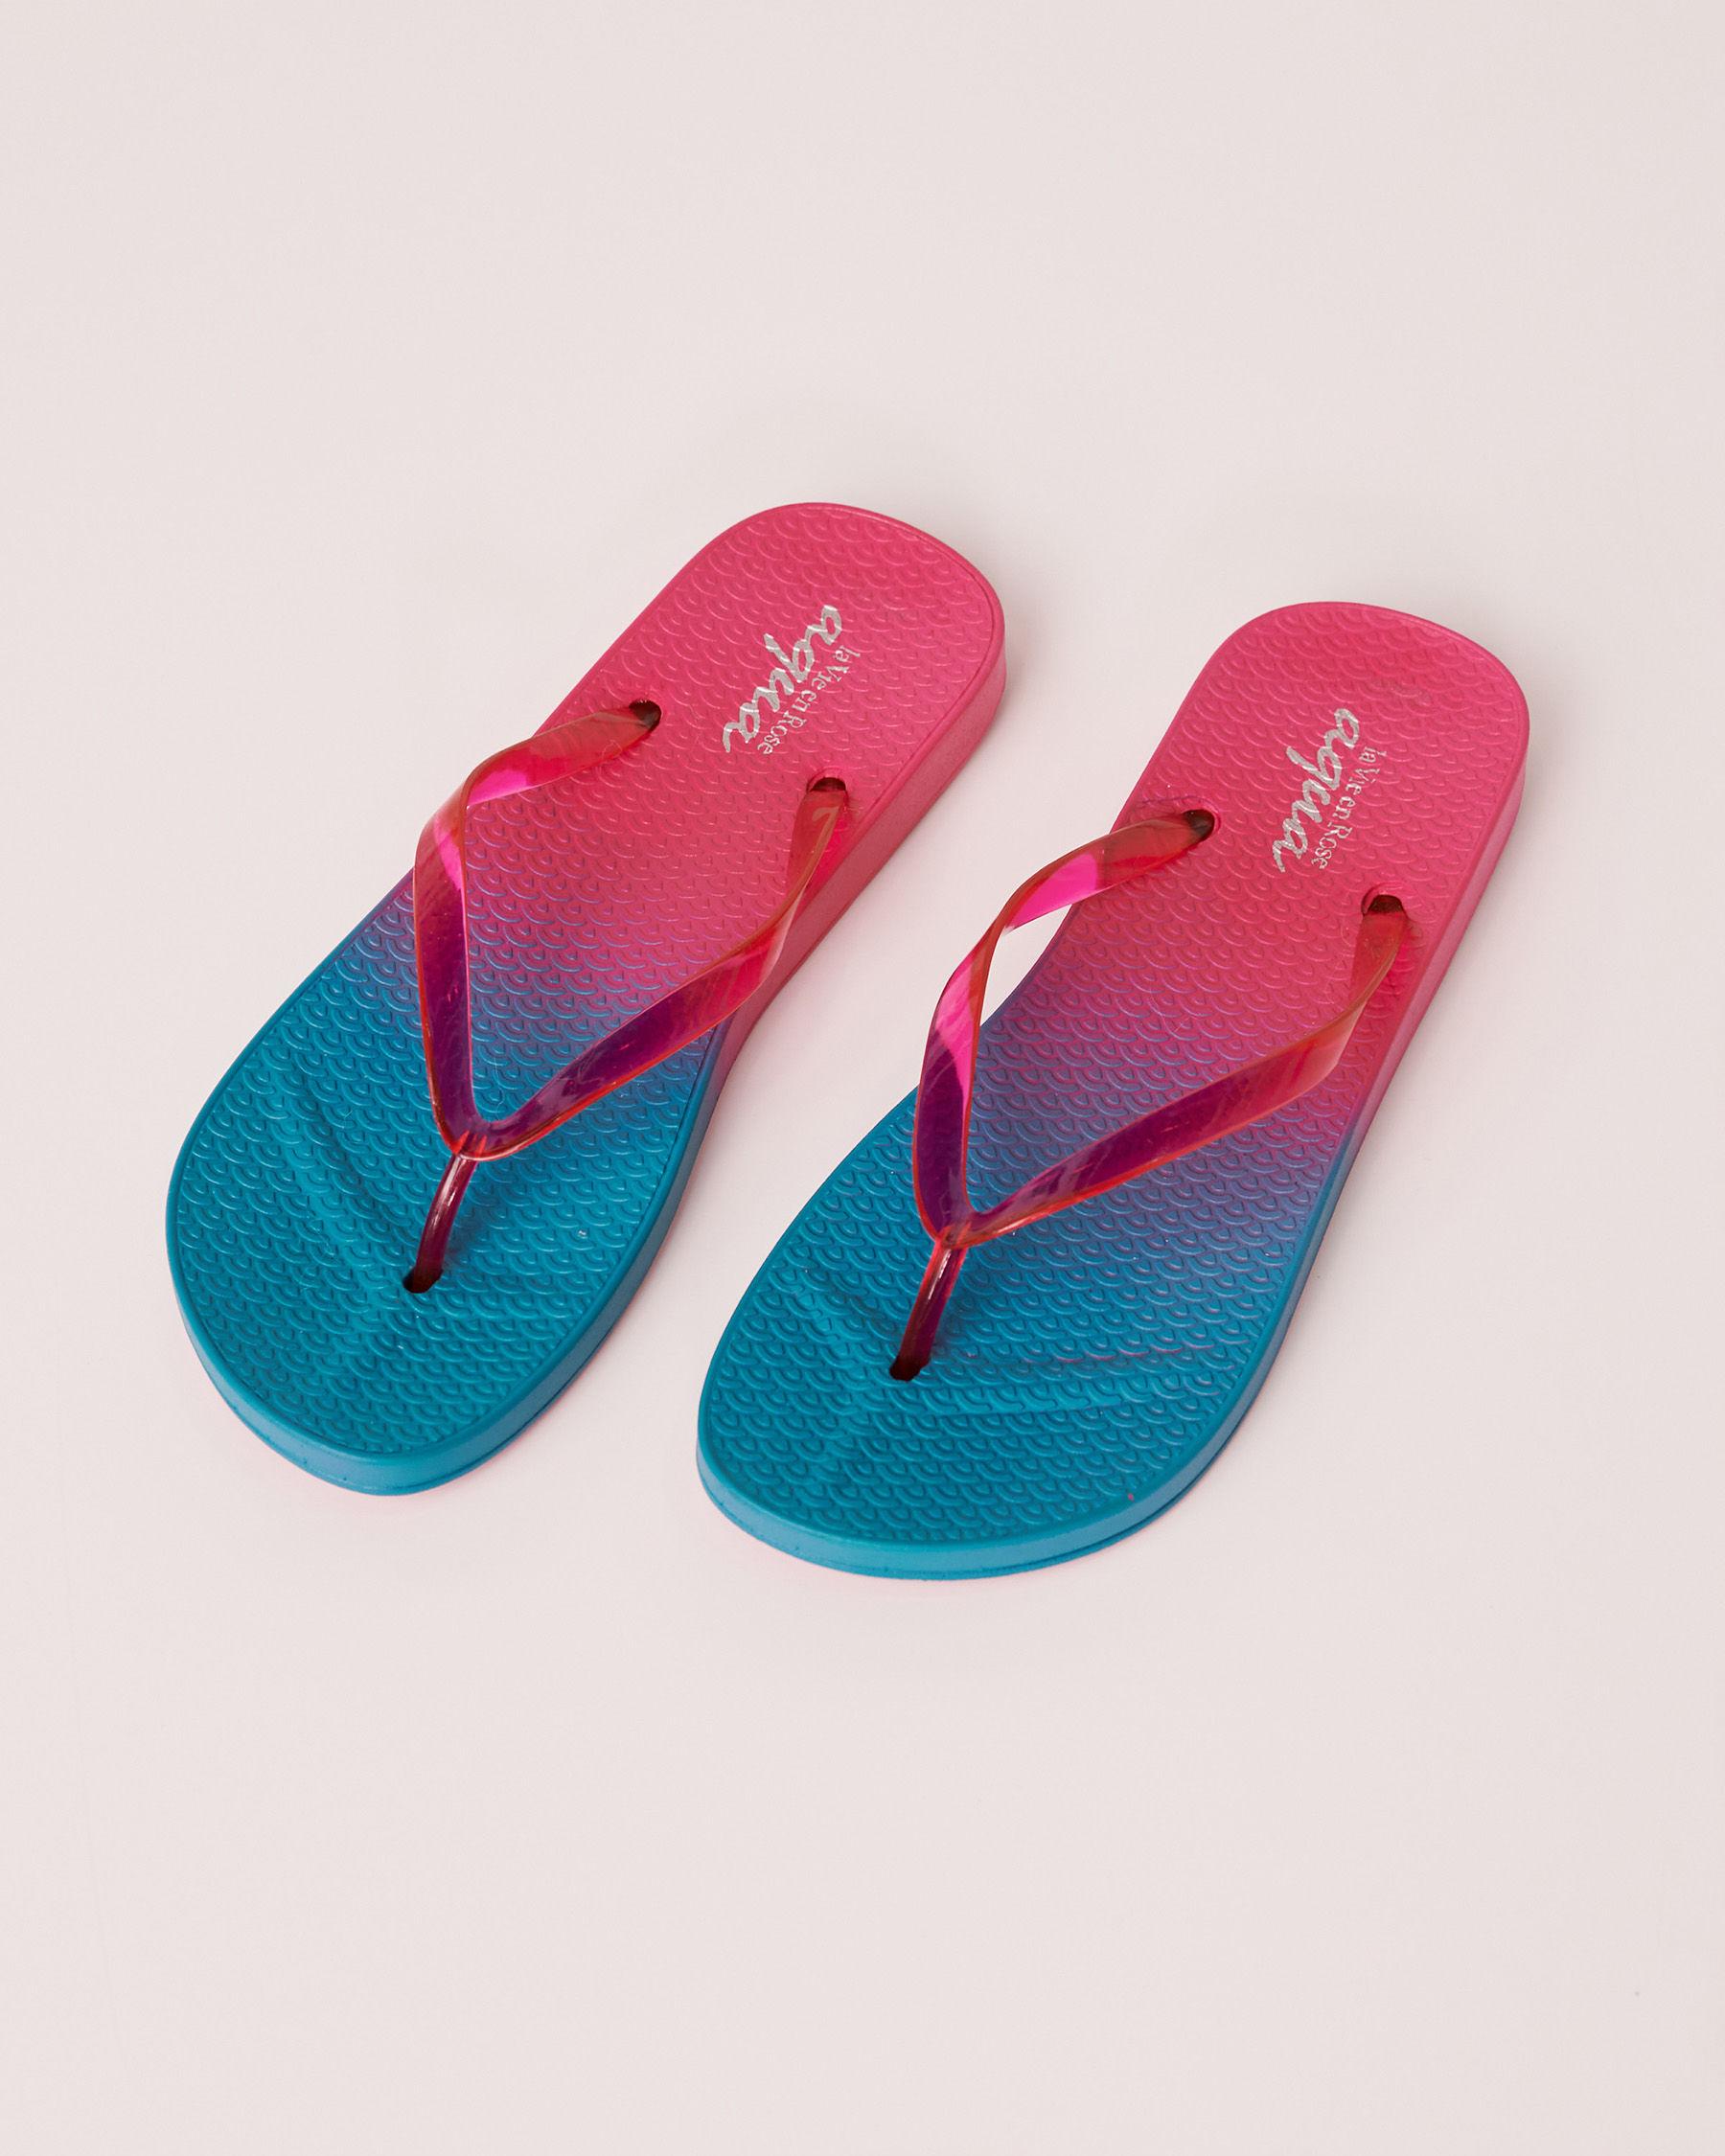 LA VIE EN ROSE AQUA Neon Sandal Blue 80500013 - View1